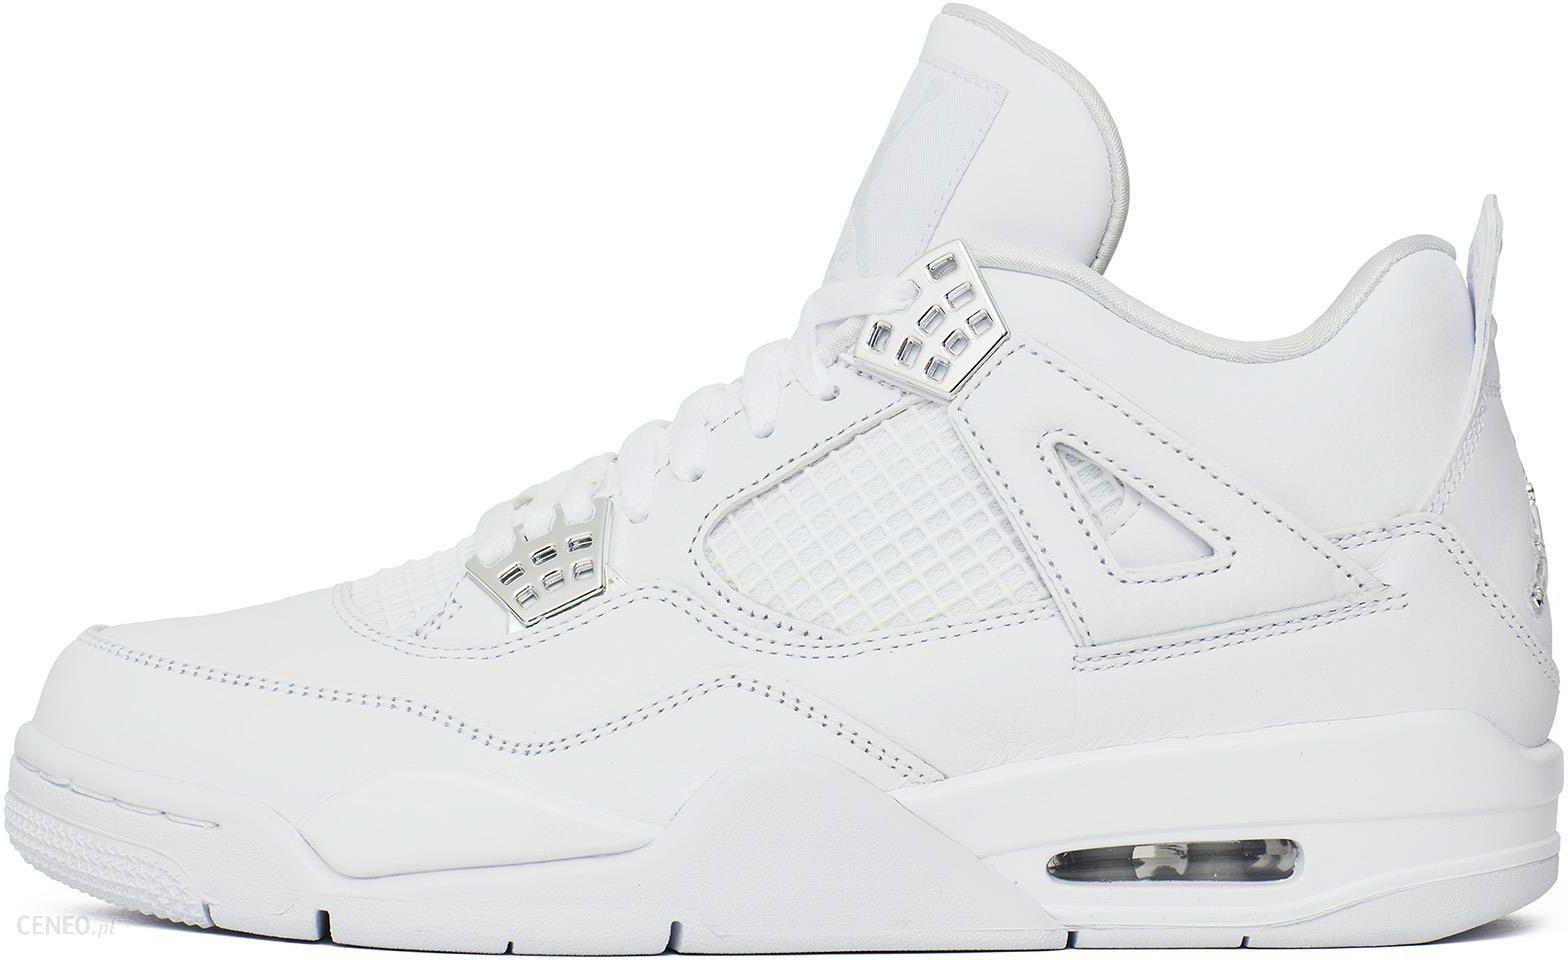 Nike Chłopięce AIR Jordan 4 Retro PURE MONEY Buty Sportowe Biały